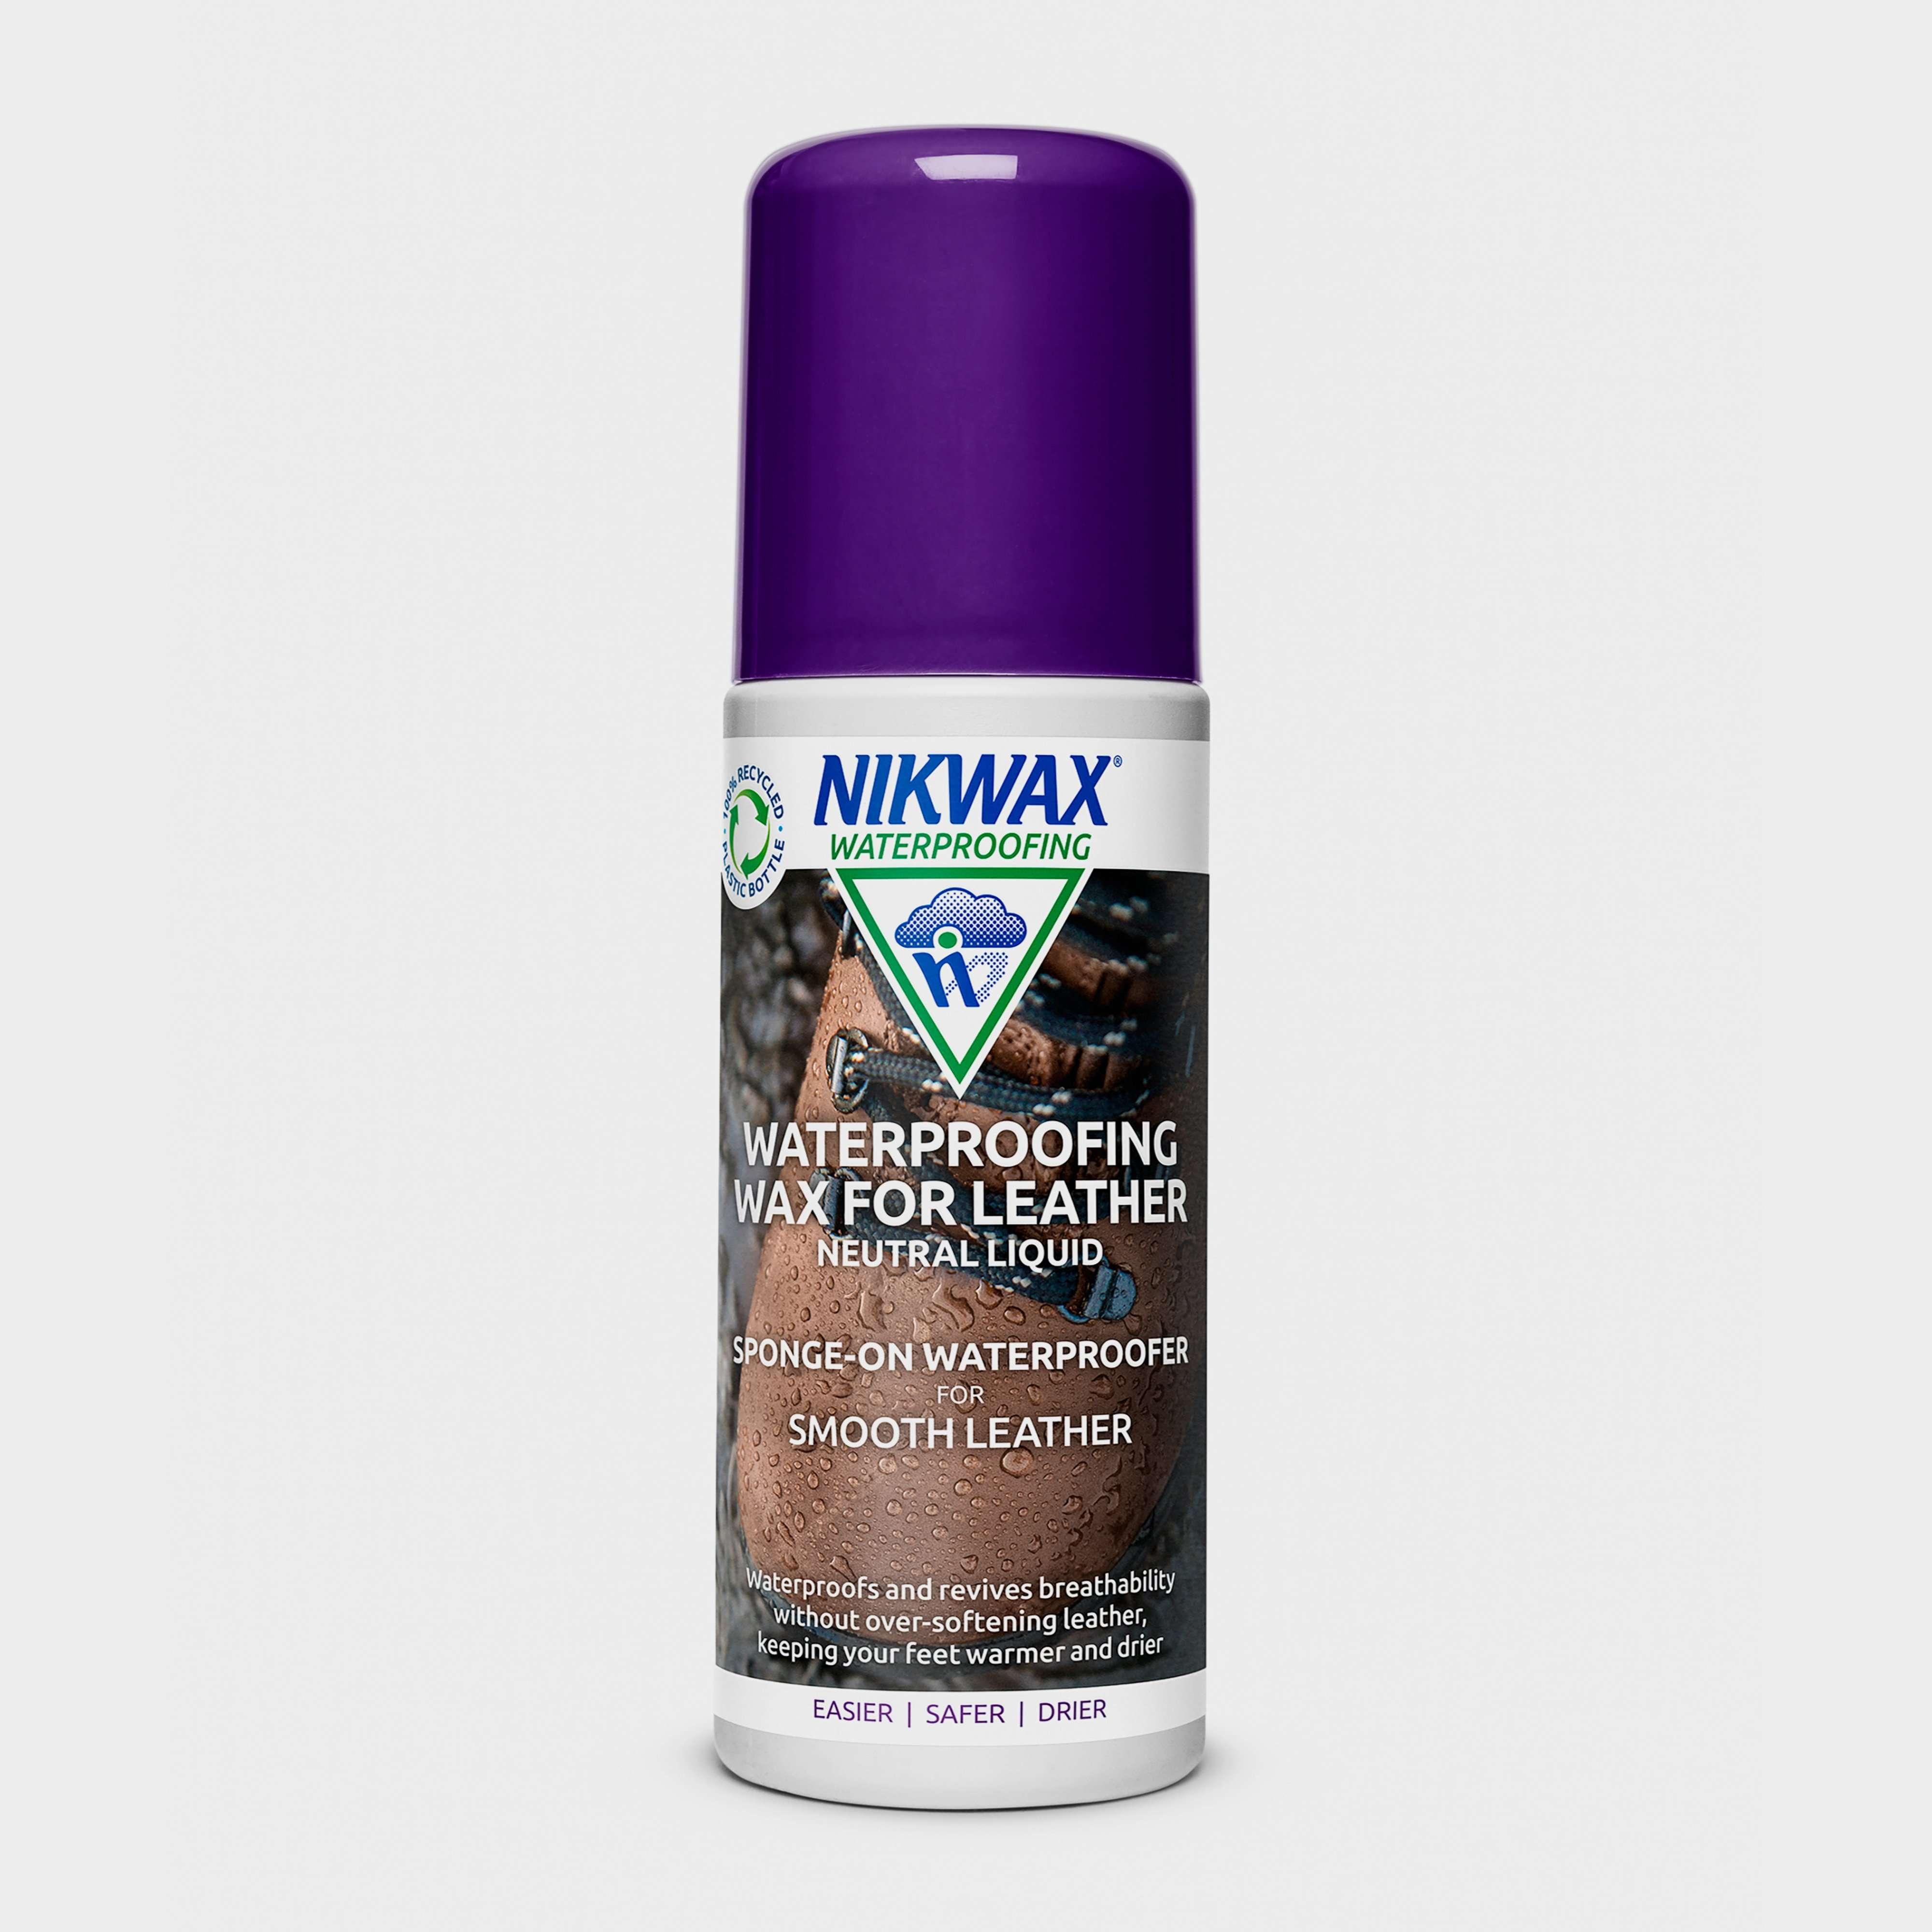 NIKWAX Waterproofing Wax For Leather Liquid 125ml